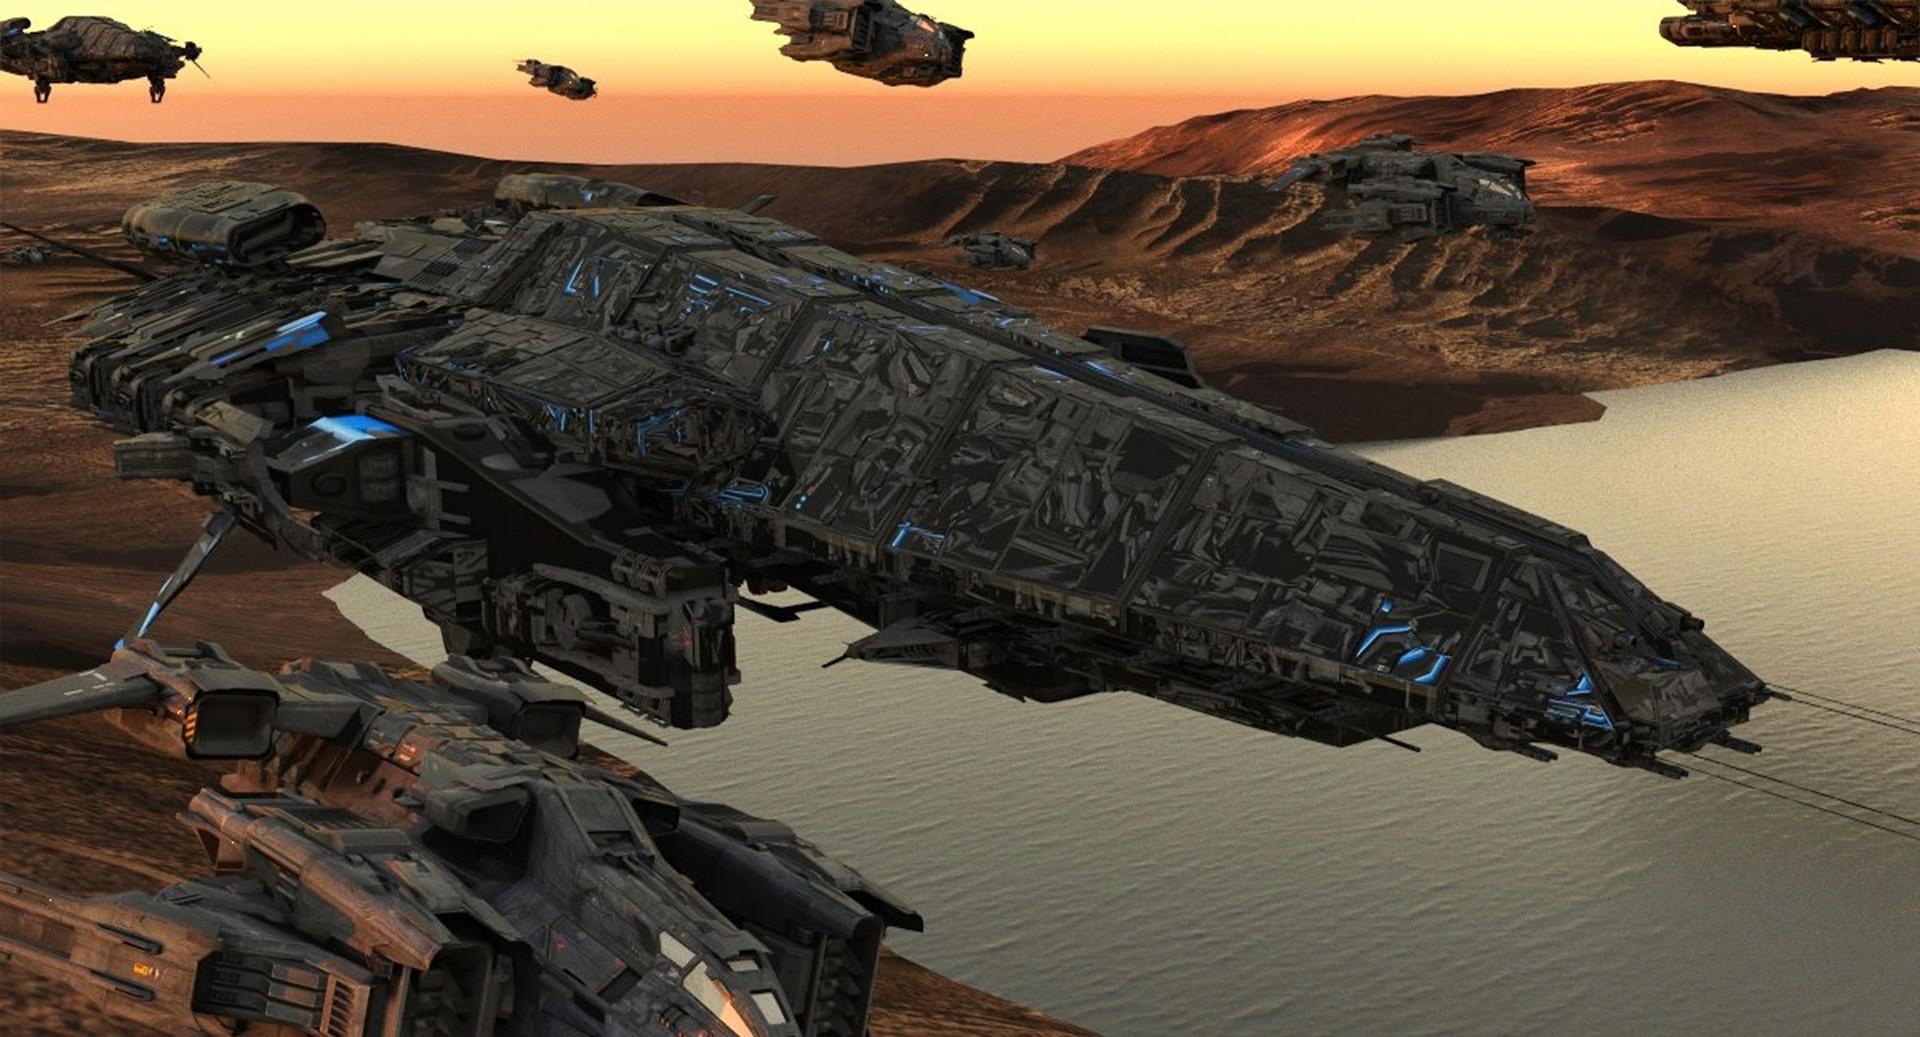 David tilton scifi destroyer obj 3 v5 render